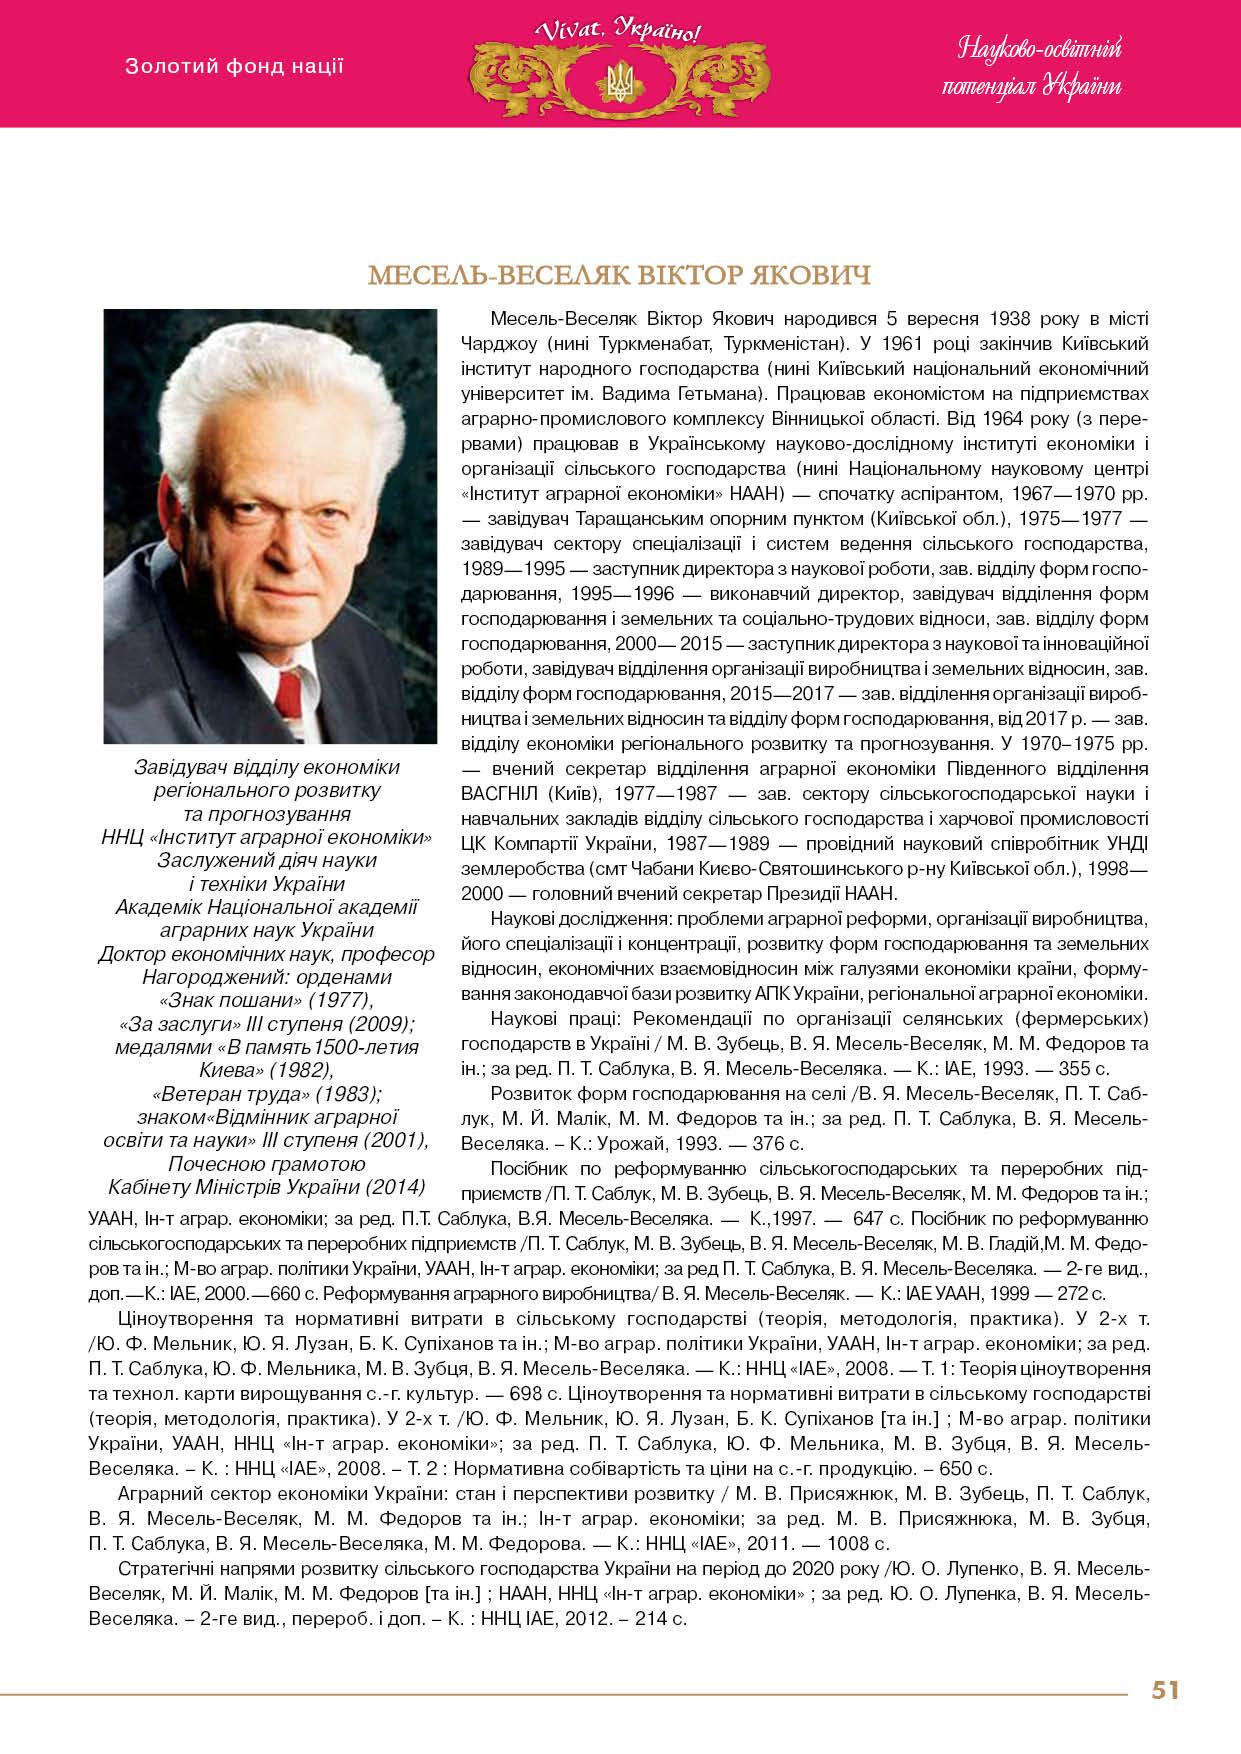 Месель-Веселяк Віктор Якович